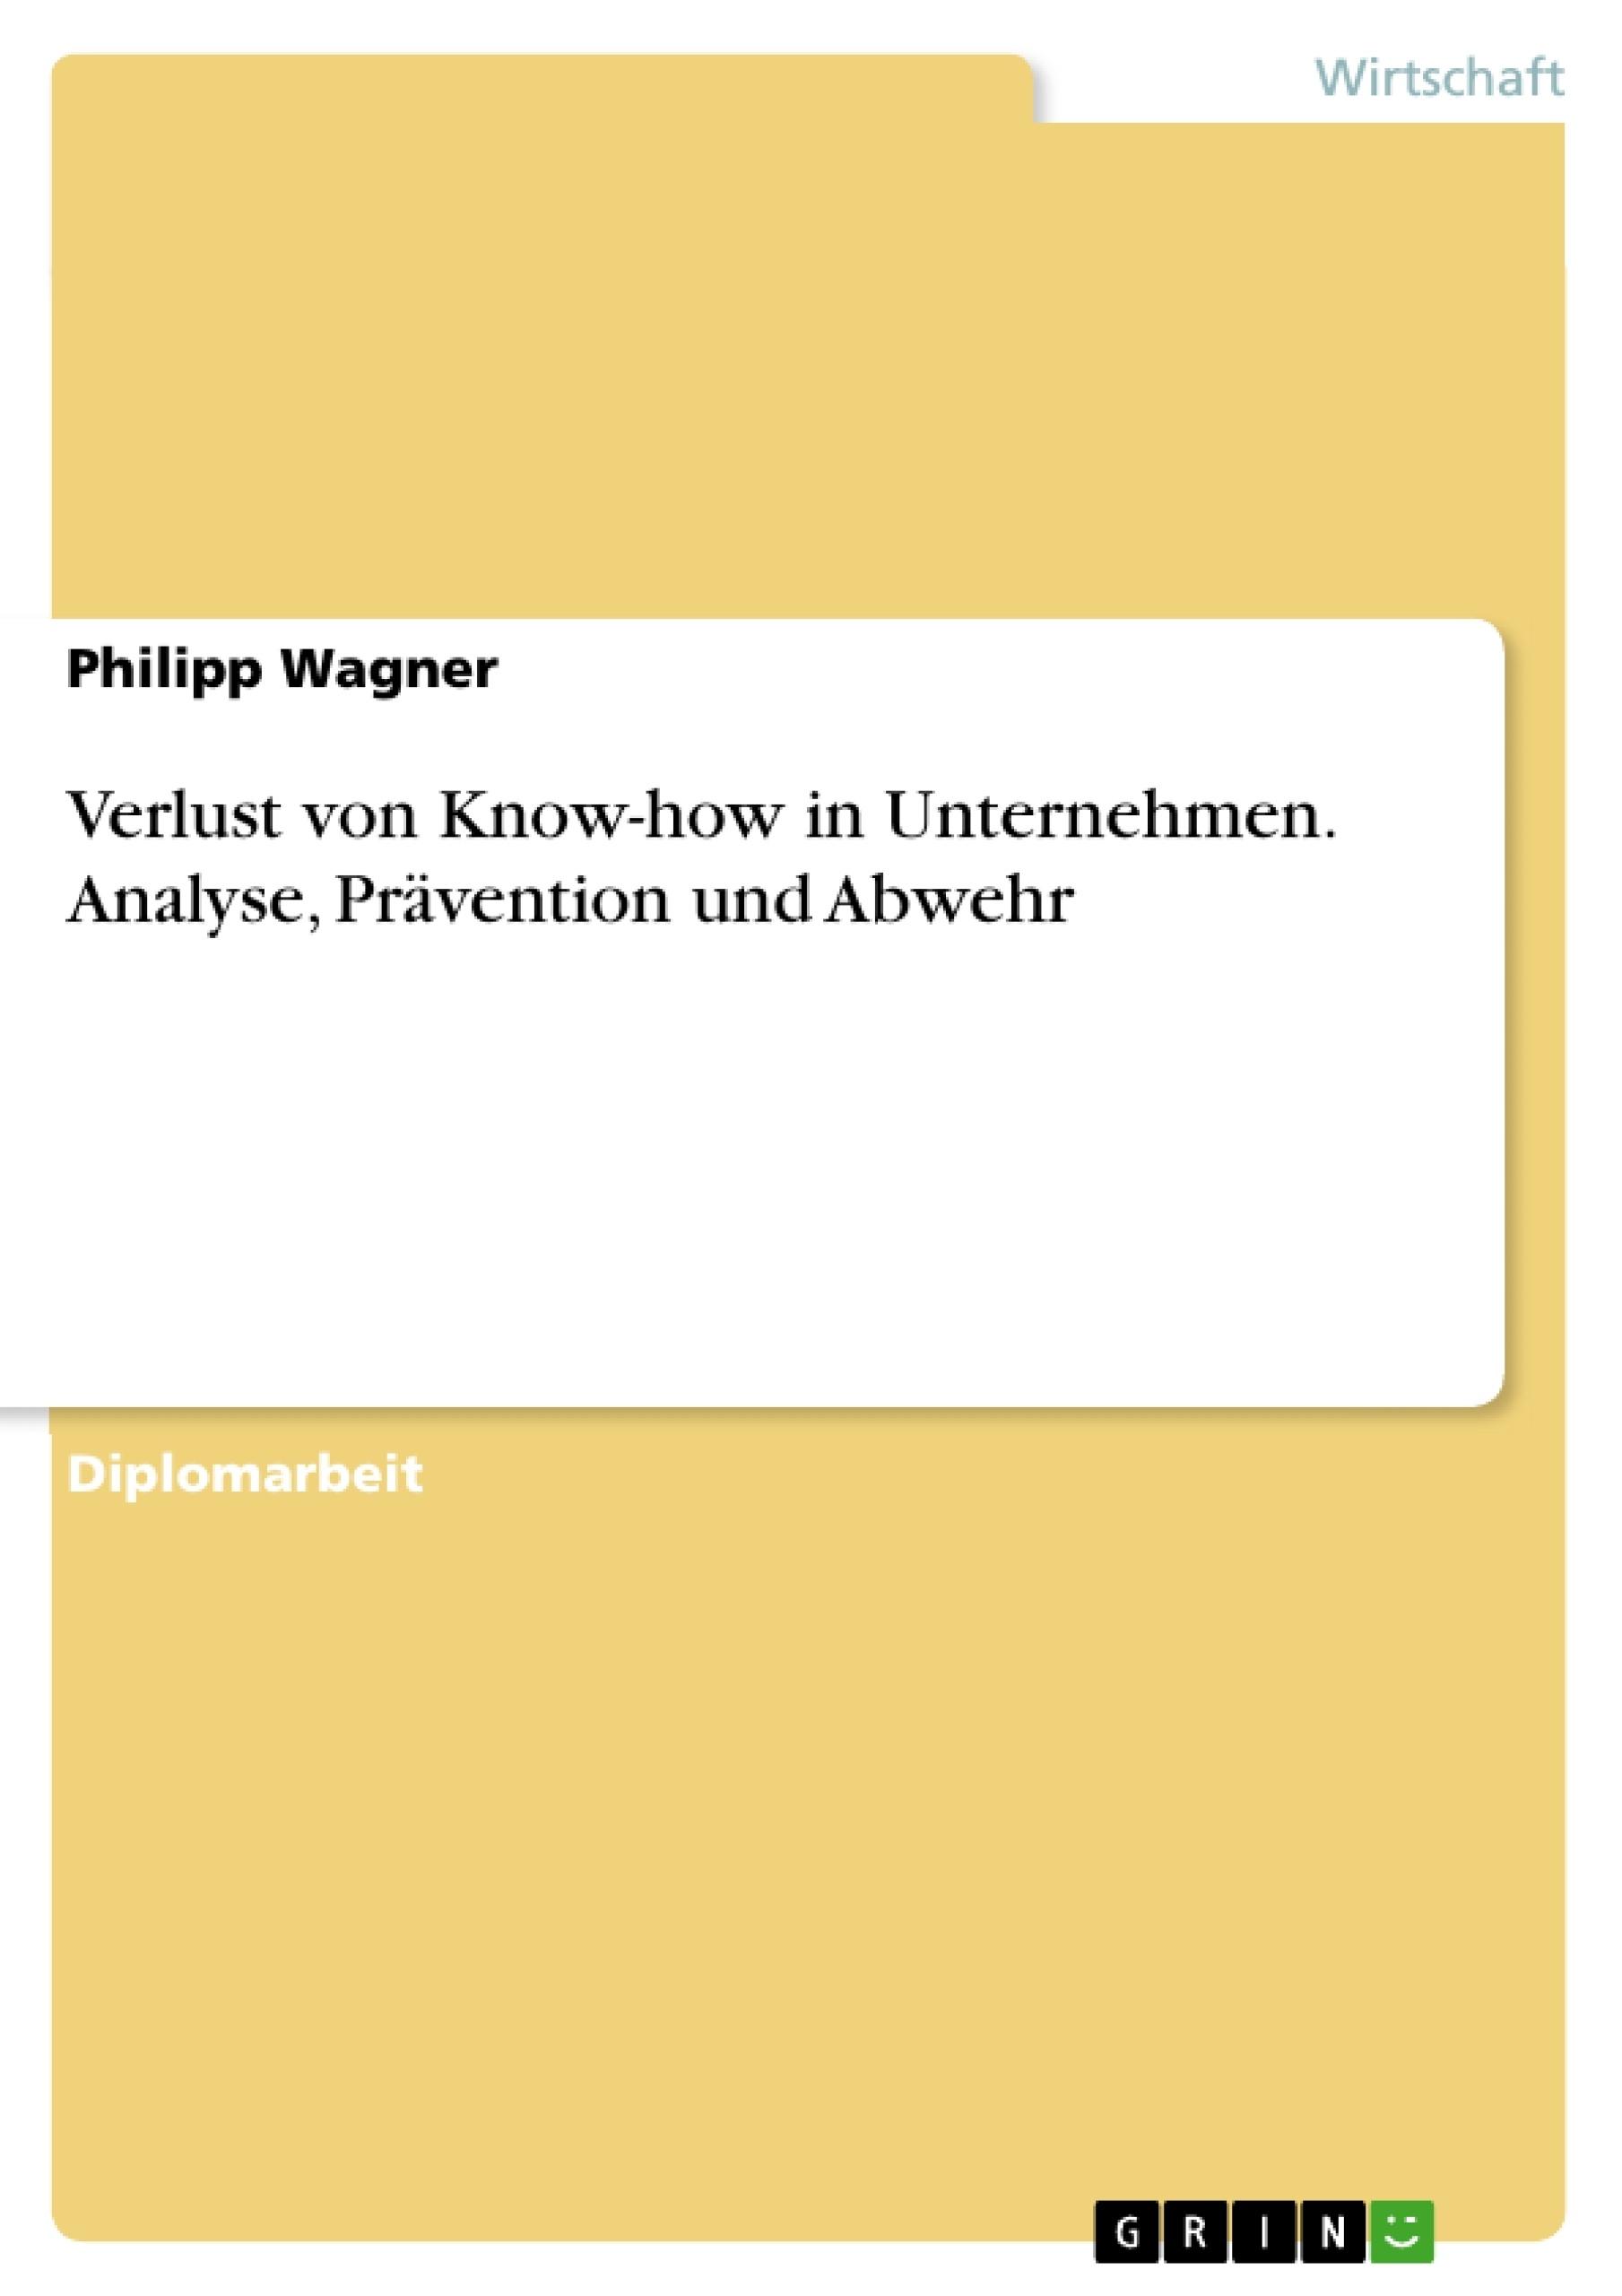 Titel: Verlust von Know-how in Unternehmen. Analyse, Prävention und Abwehr